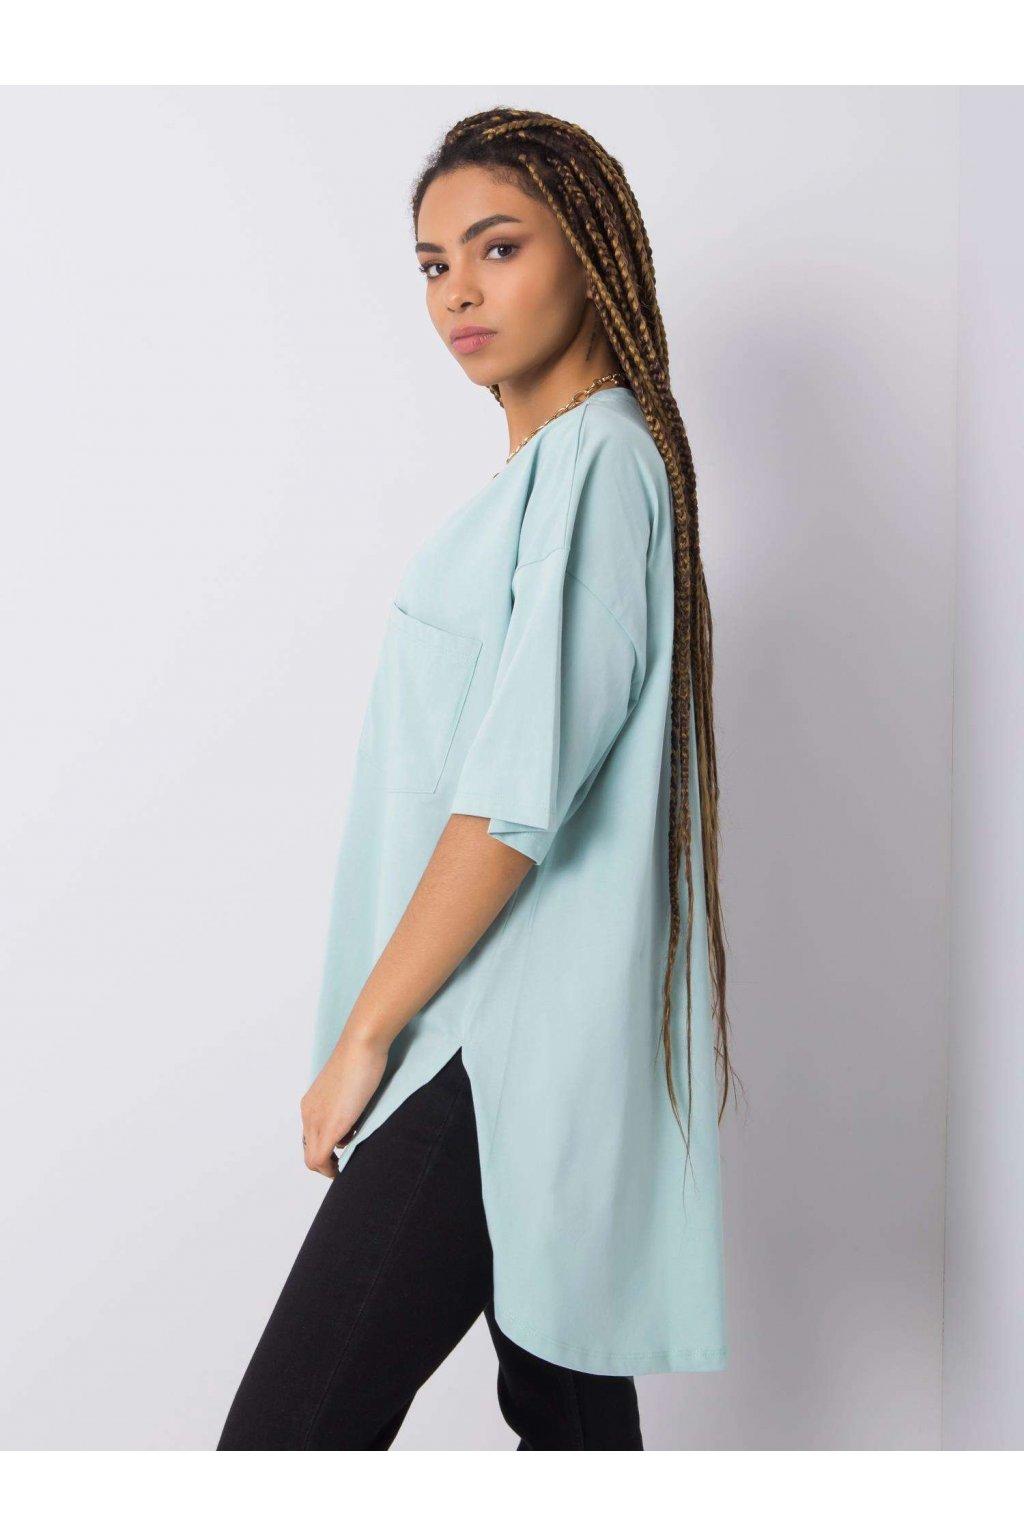 Dámske tričko jednofarebné kód TK-RP-TS-T030503.56P